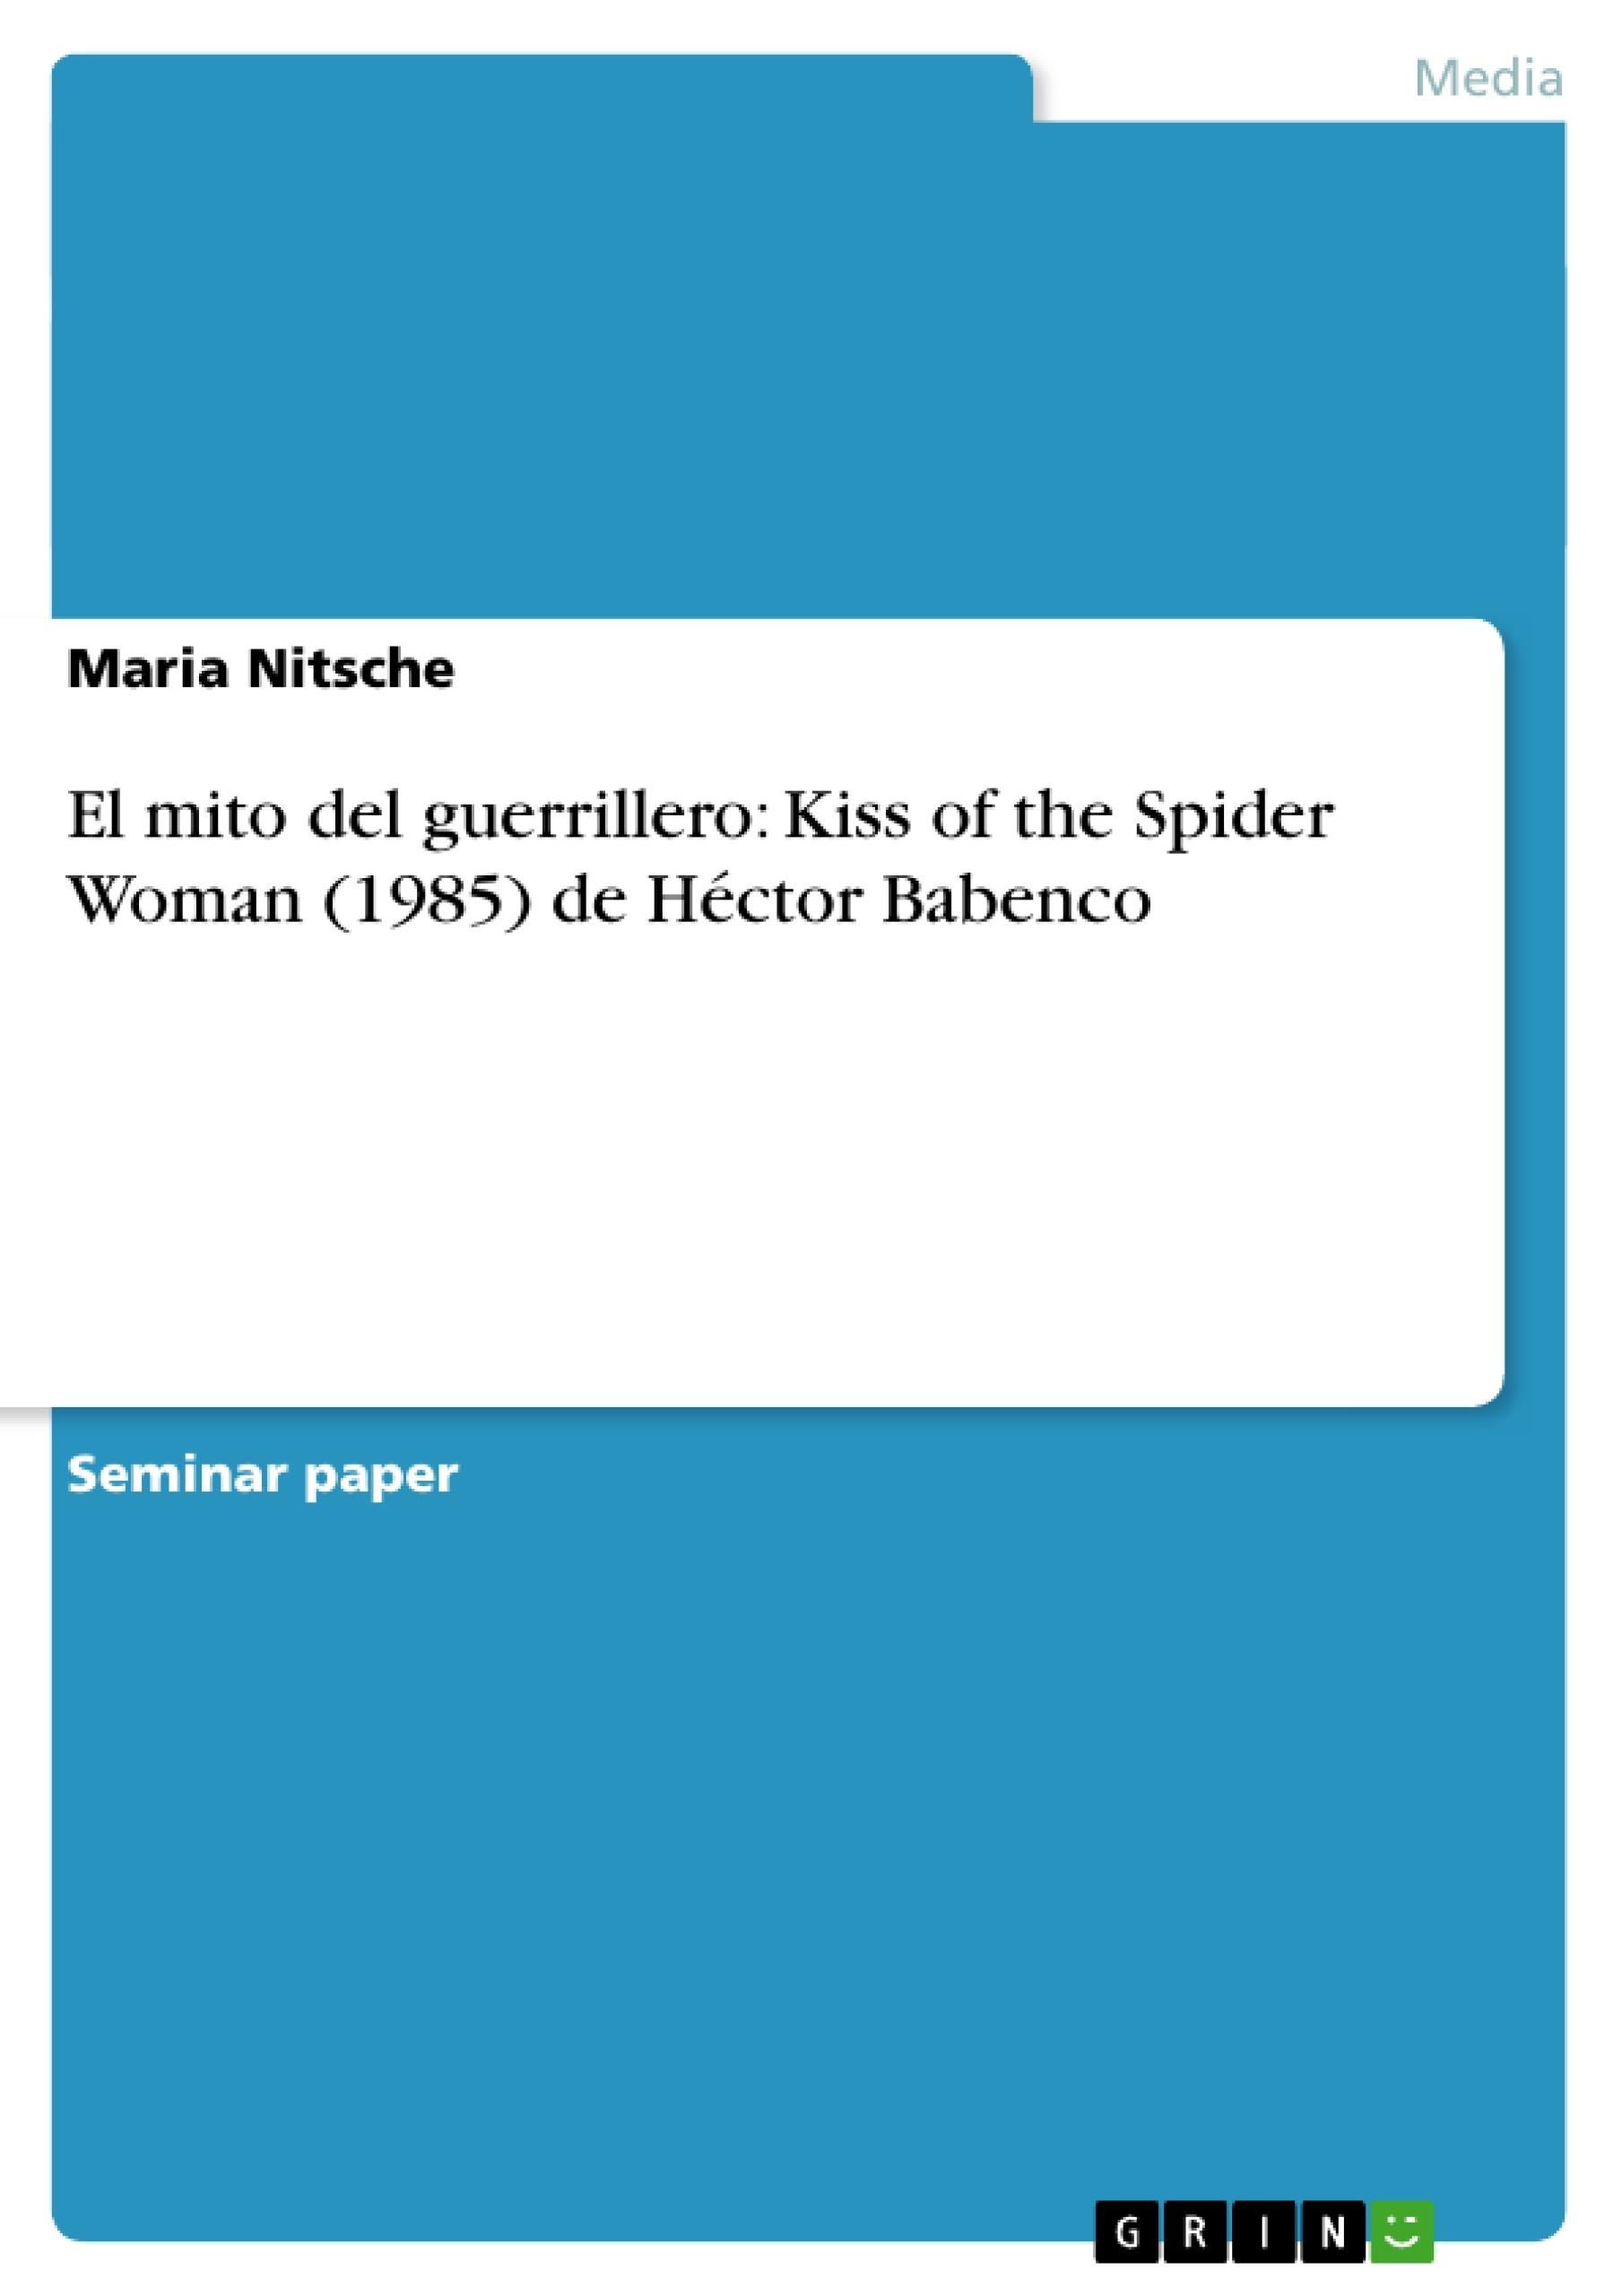 Título: El mito del guerrillero: Kiss of the Spider Woman (1985) de Héctor Babenco